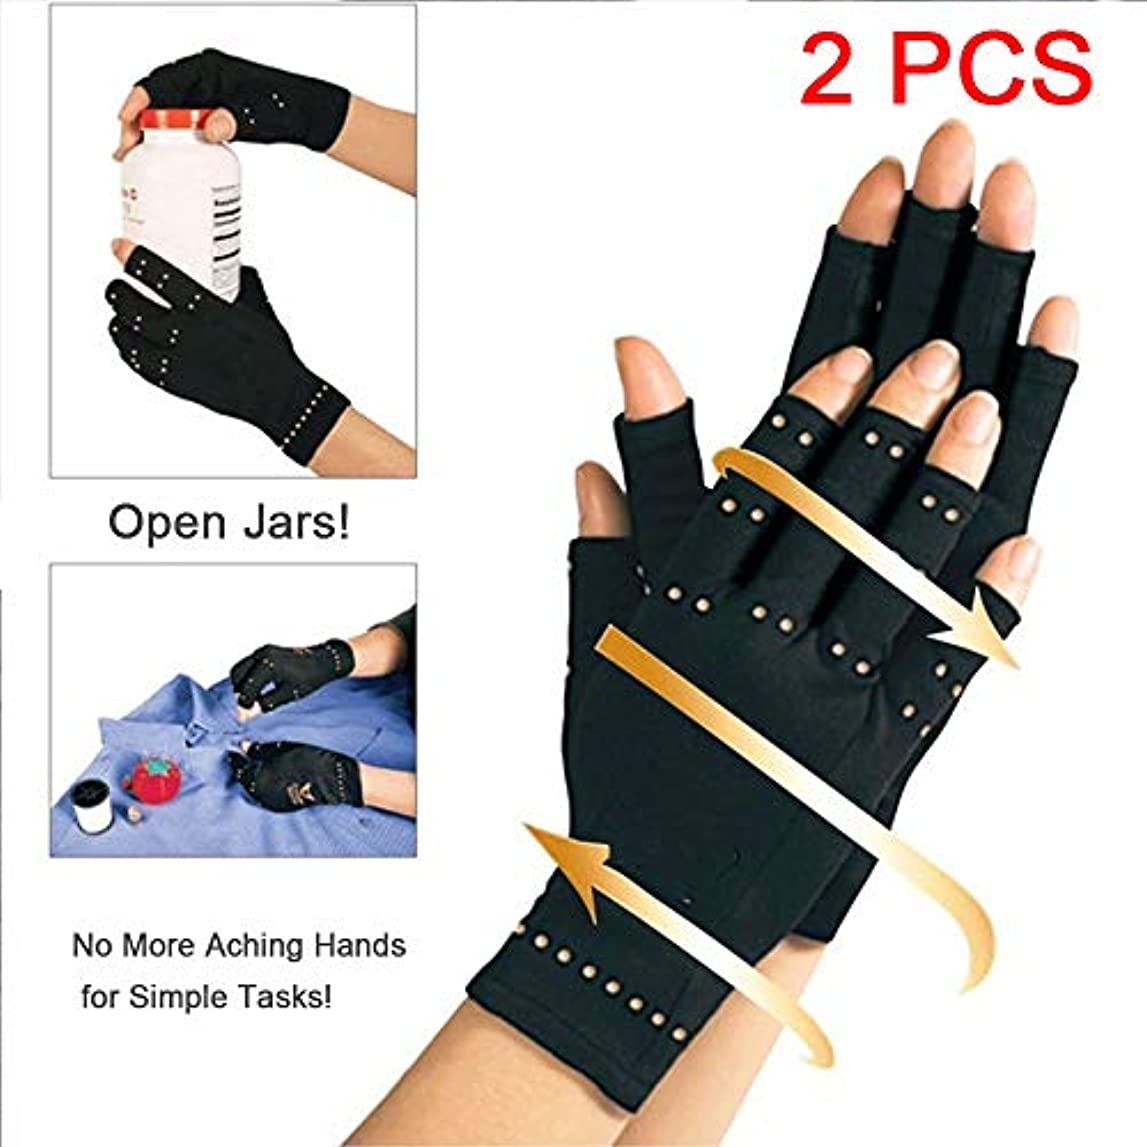 些細写真撮影ピアース銅圧縮関節炎手袋 圧縮関節炎グローブ理学療法ハーフフィンガーグローブは、リウマチの痛みを軽減し、筋肉の緊張を和らげます(2 PCS)